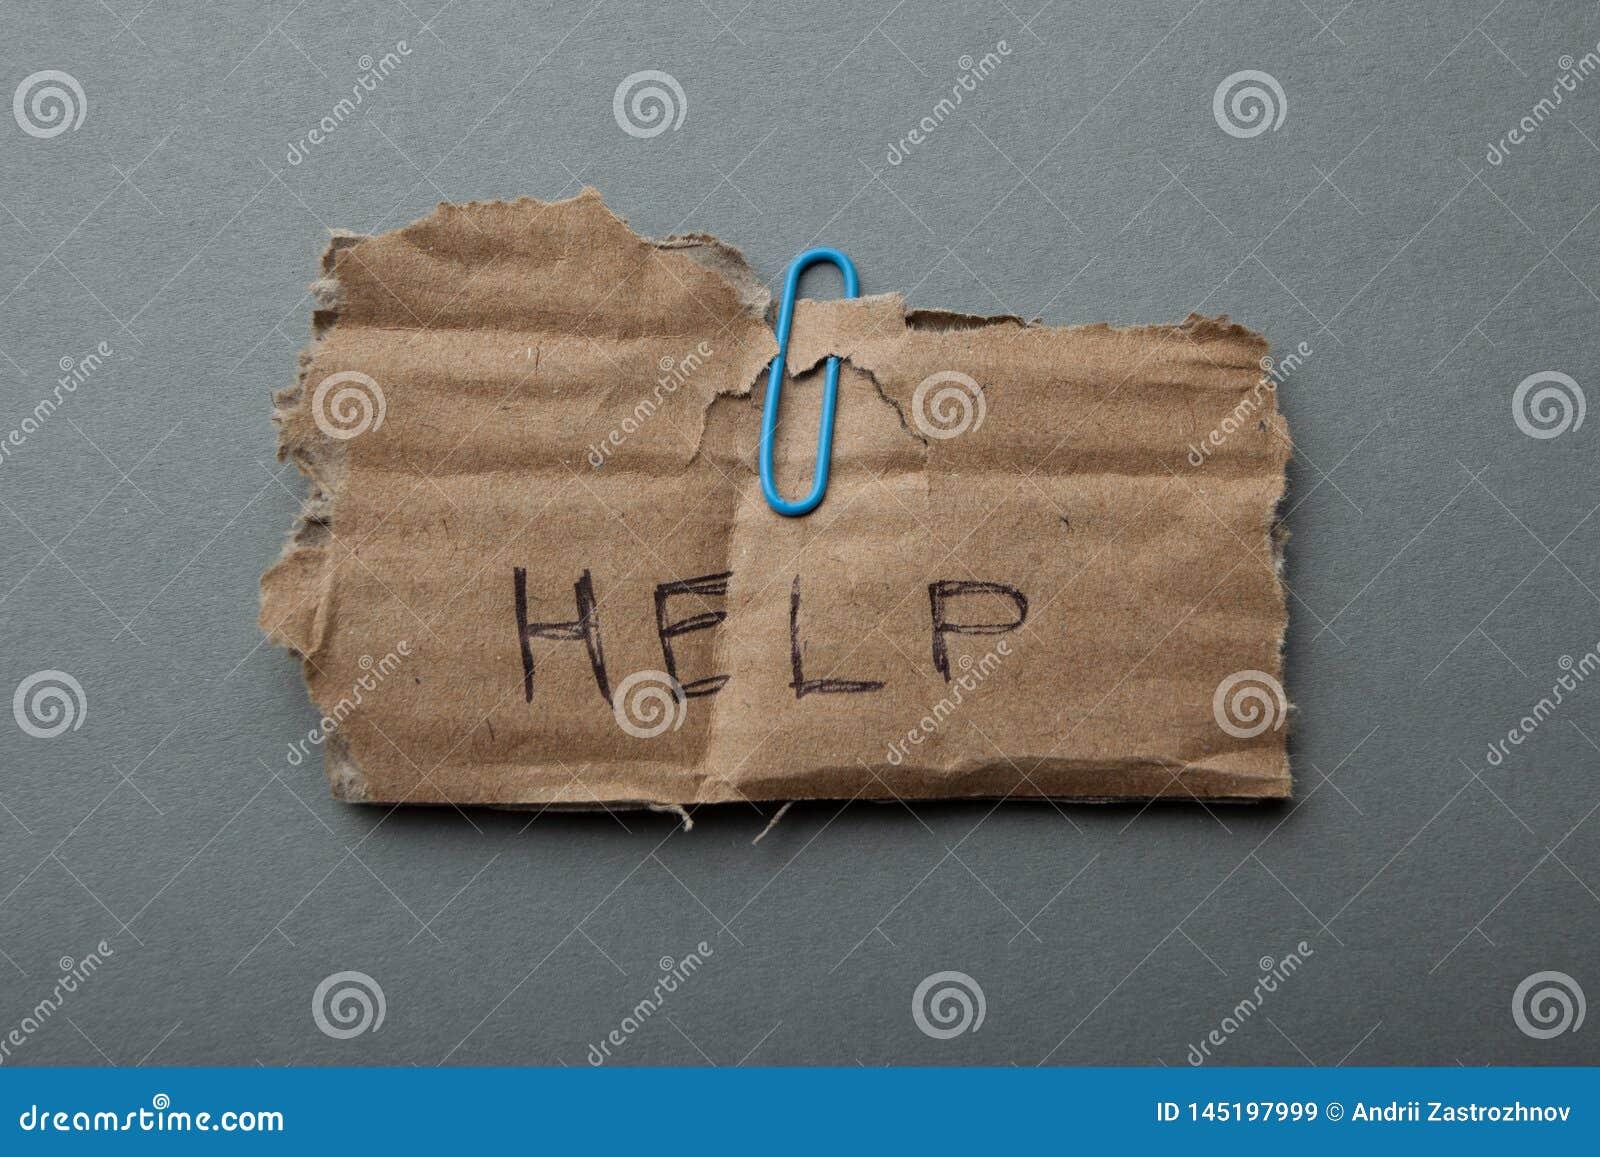 La palabra 'ayuda 'escrita en la cartulina, aislada en un fondo, una pobreza y una desesperación grises